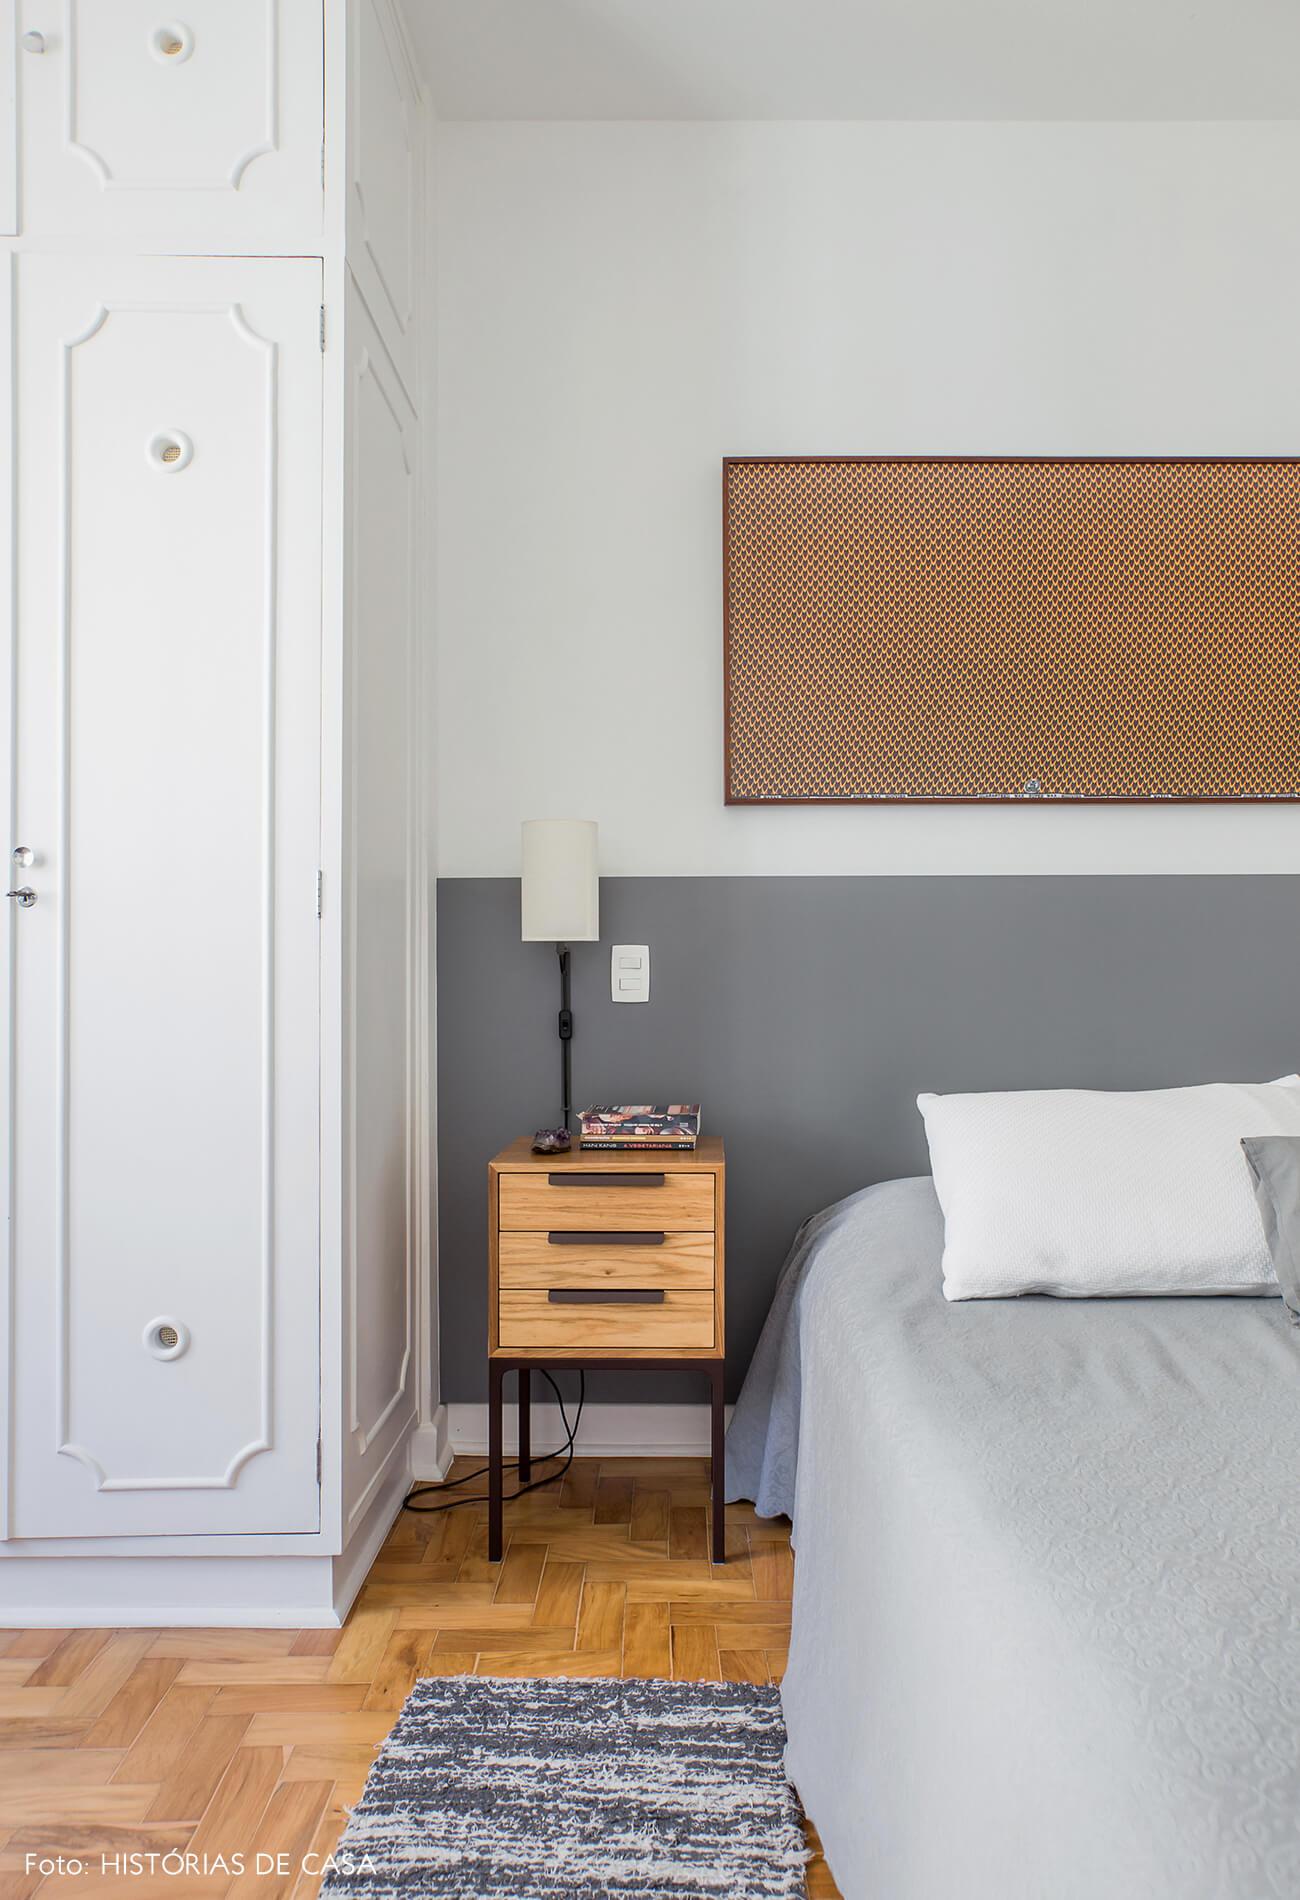 Quarto com meia parede pintada de cinza na cabeceira